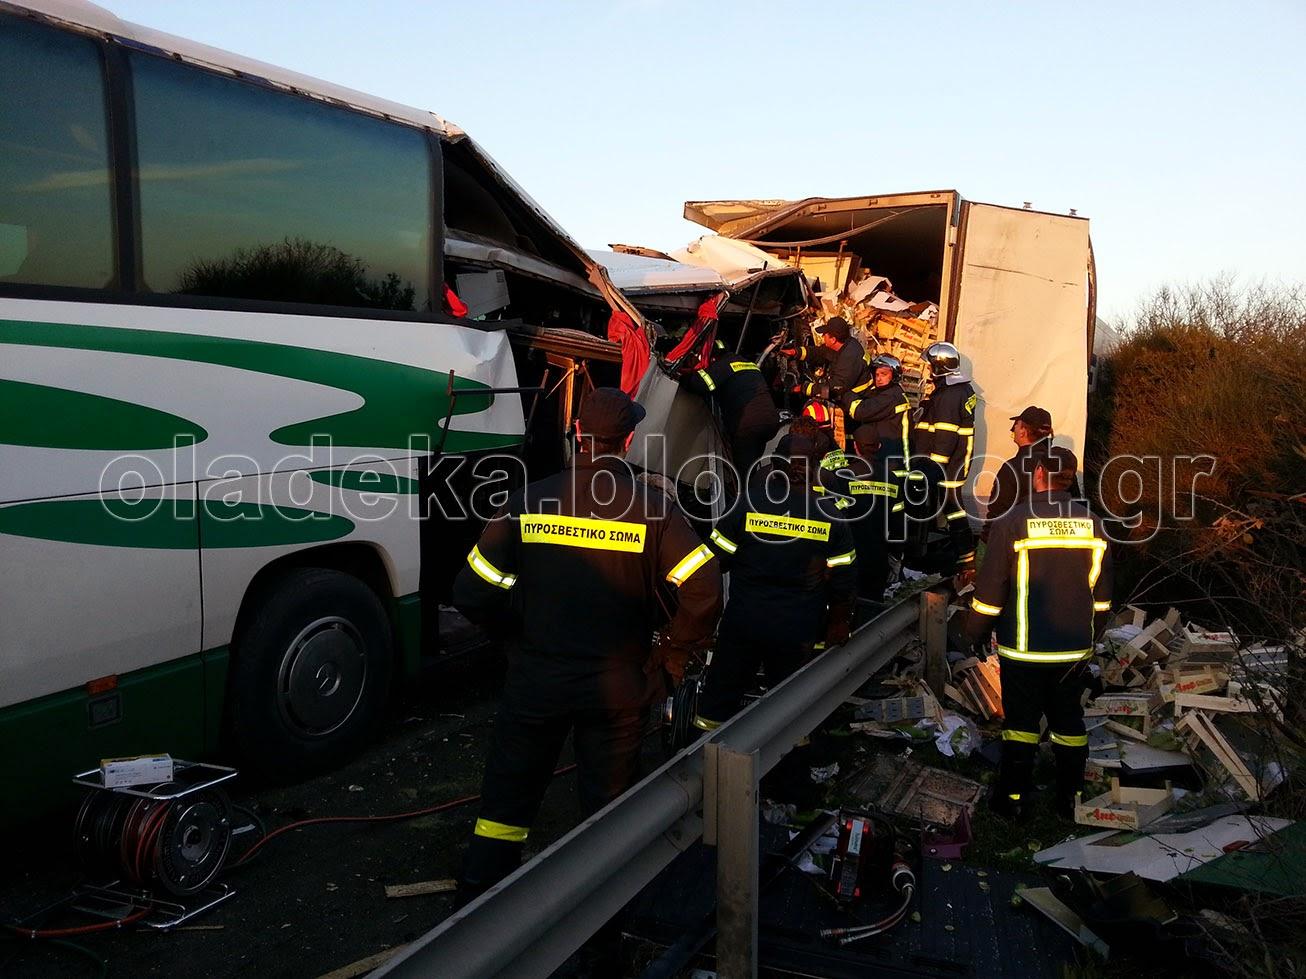 Δύο νεκροί - 22 τραυματίες στο τροχαίο δυστύχημα στα διόδια των Μαλγάρων